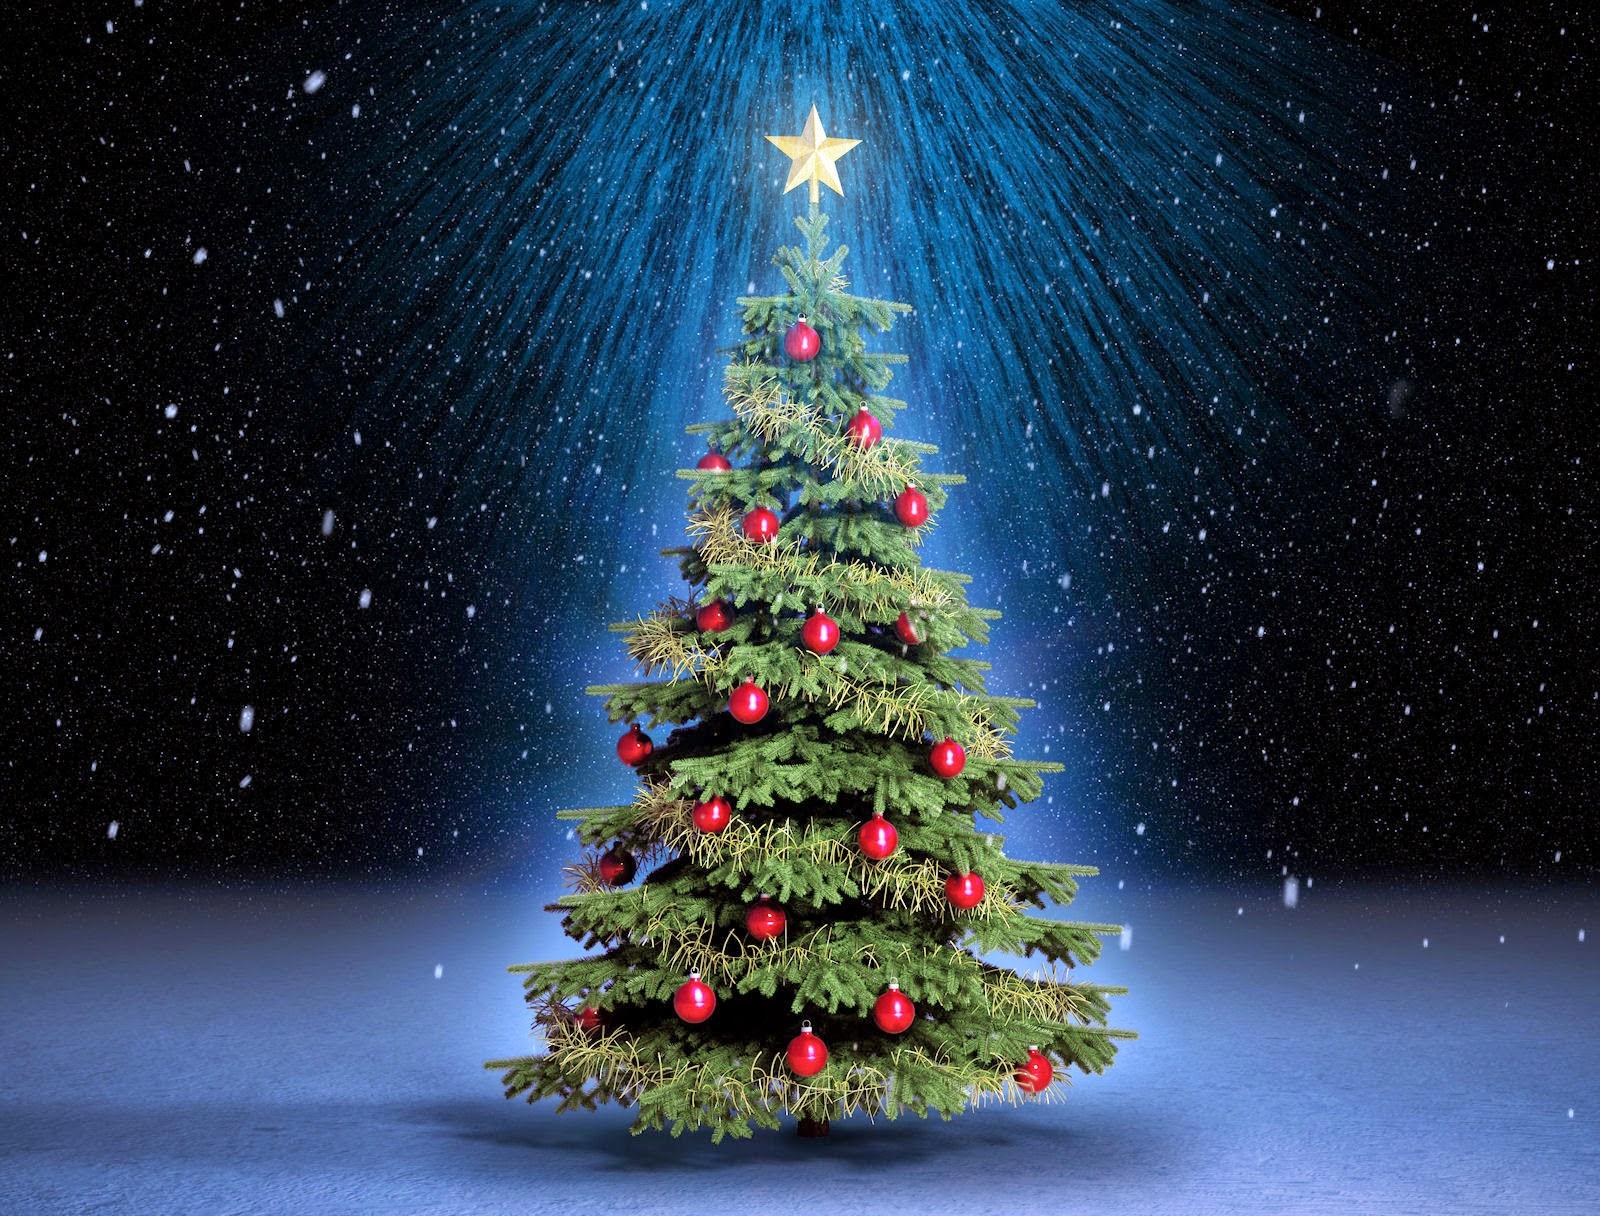 Aspectos Del Medioambiente La Cara Oculta De Los Arboles De Navidad - Arboles-de-naidad